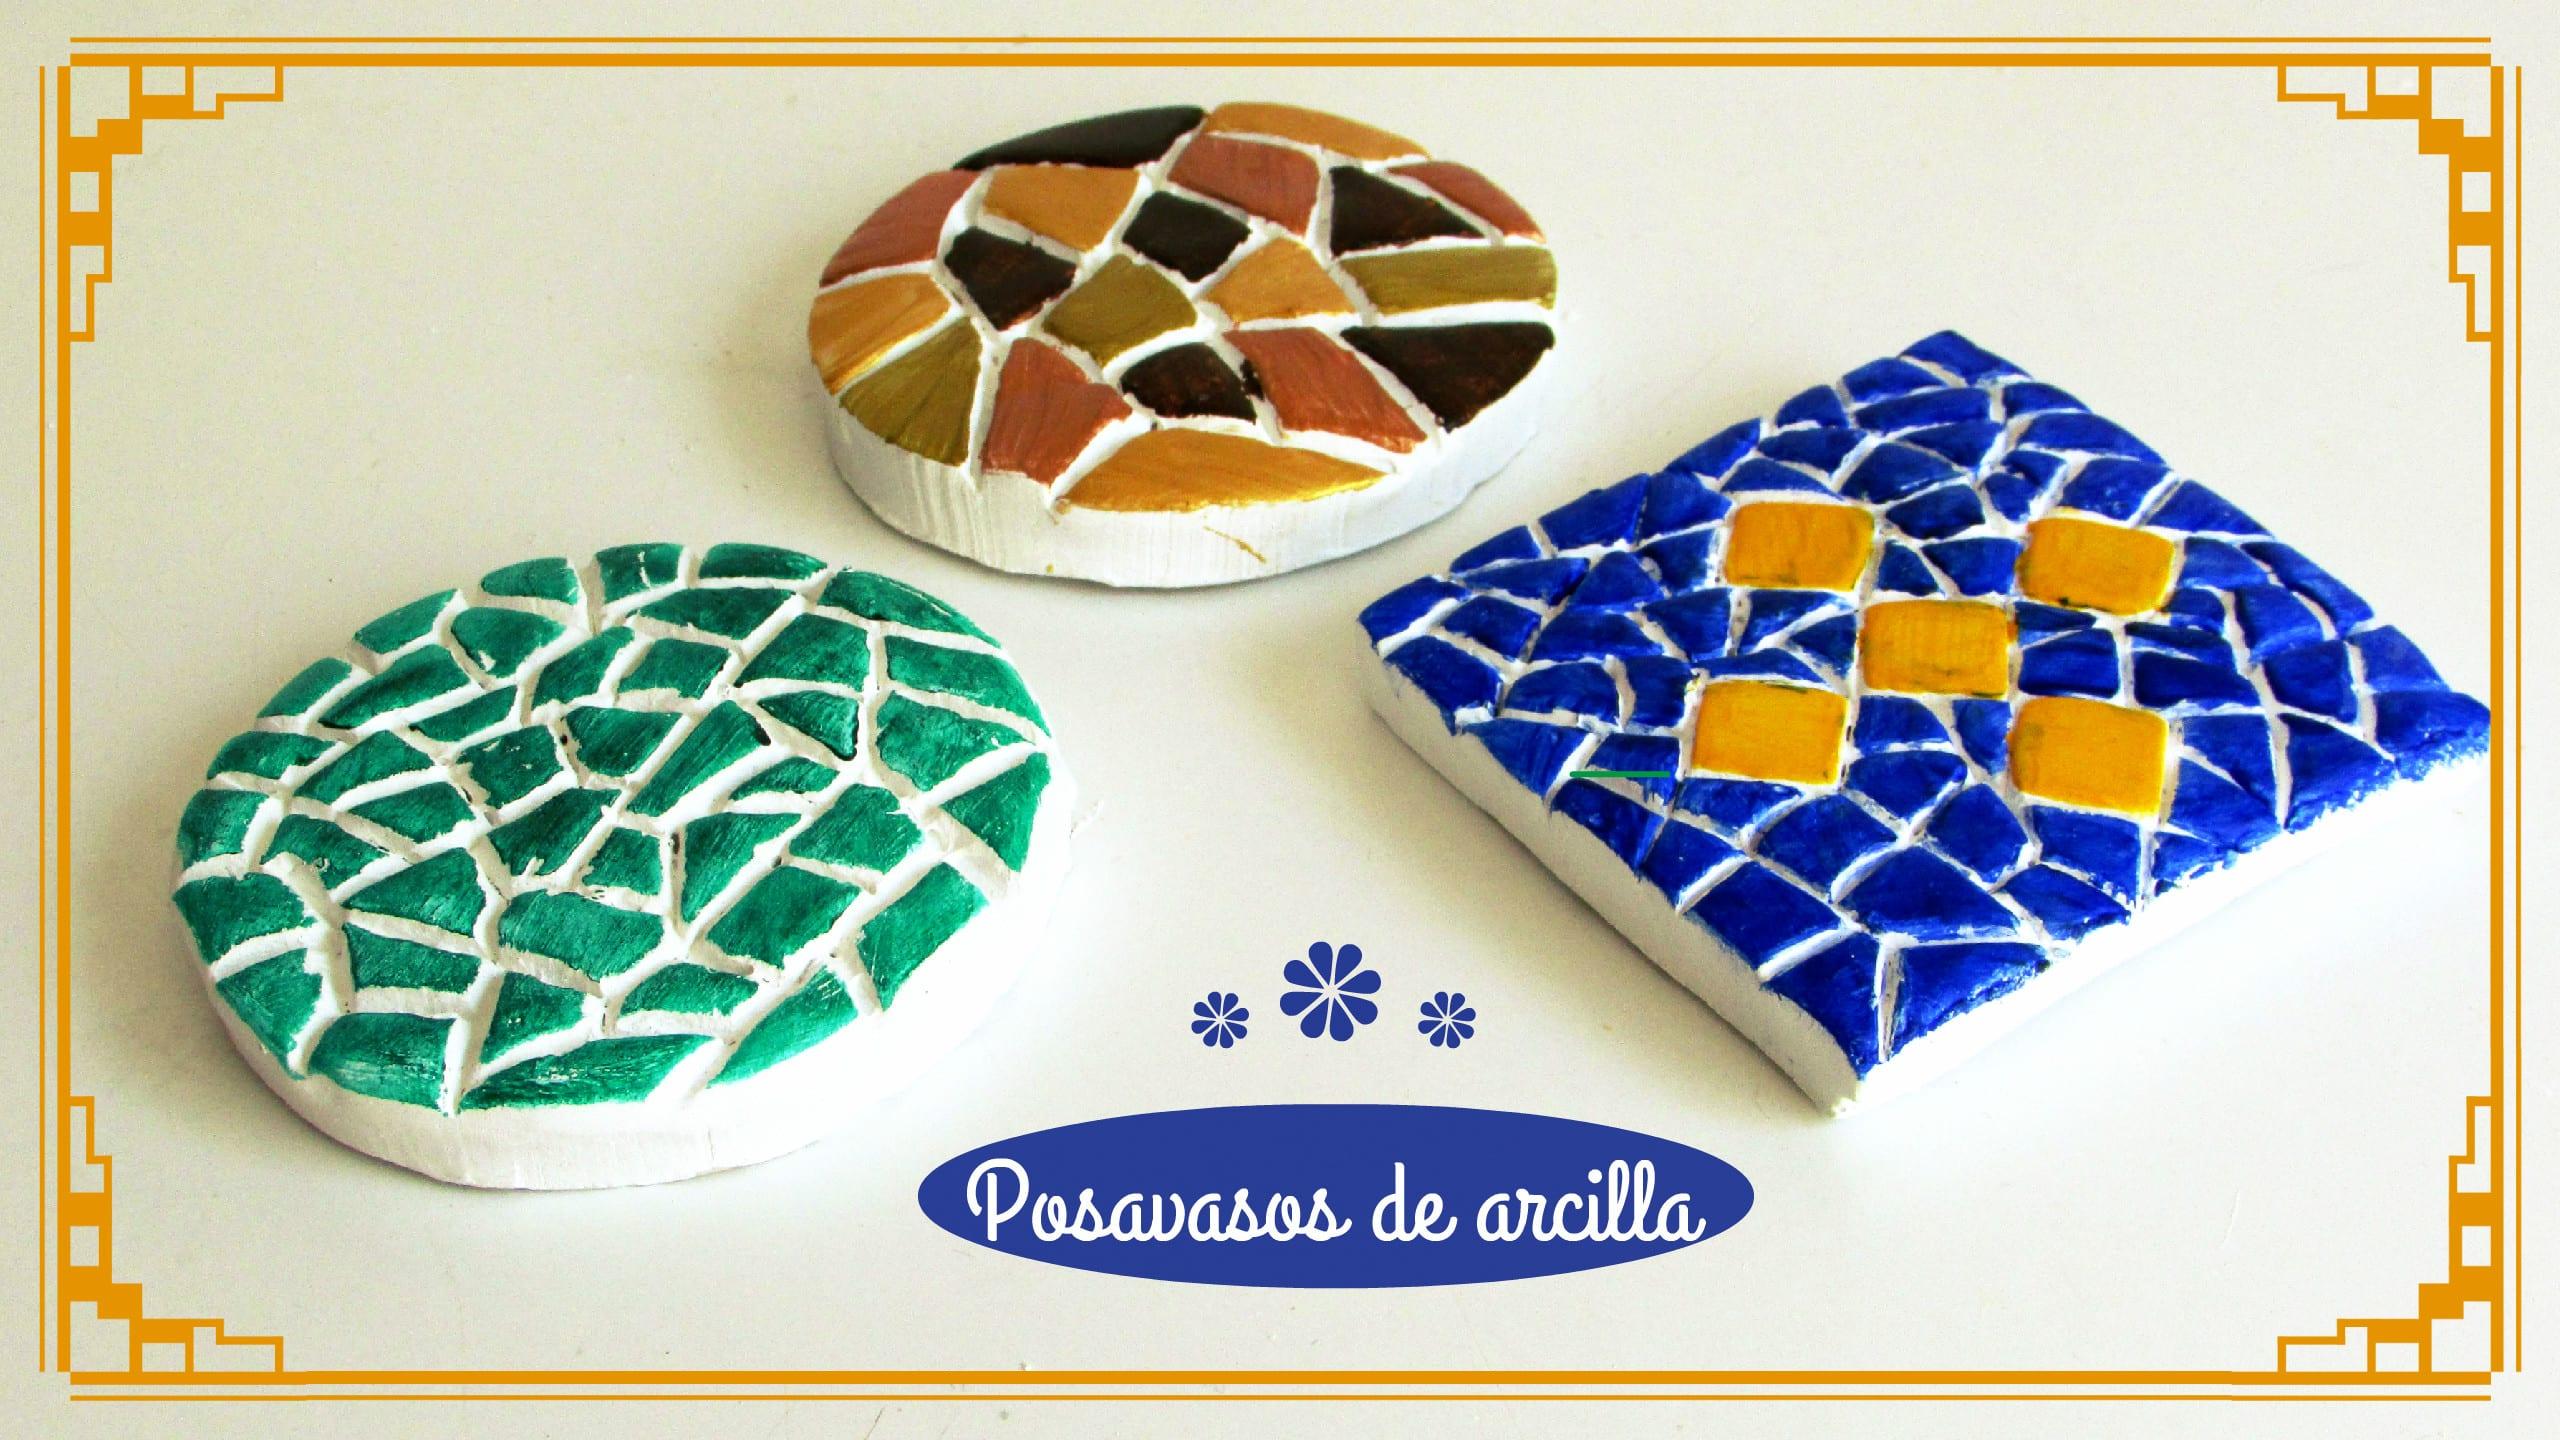 C mo hacer posavasos de arcilla con imitaci n a mosaico - Como hacer posavasos ...